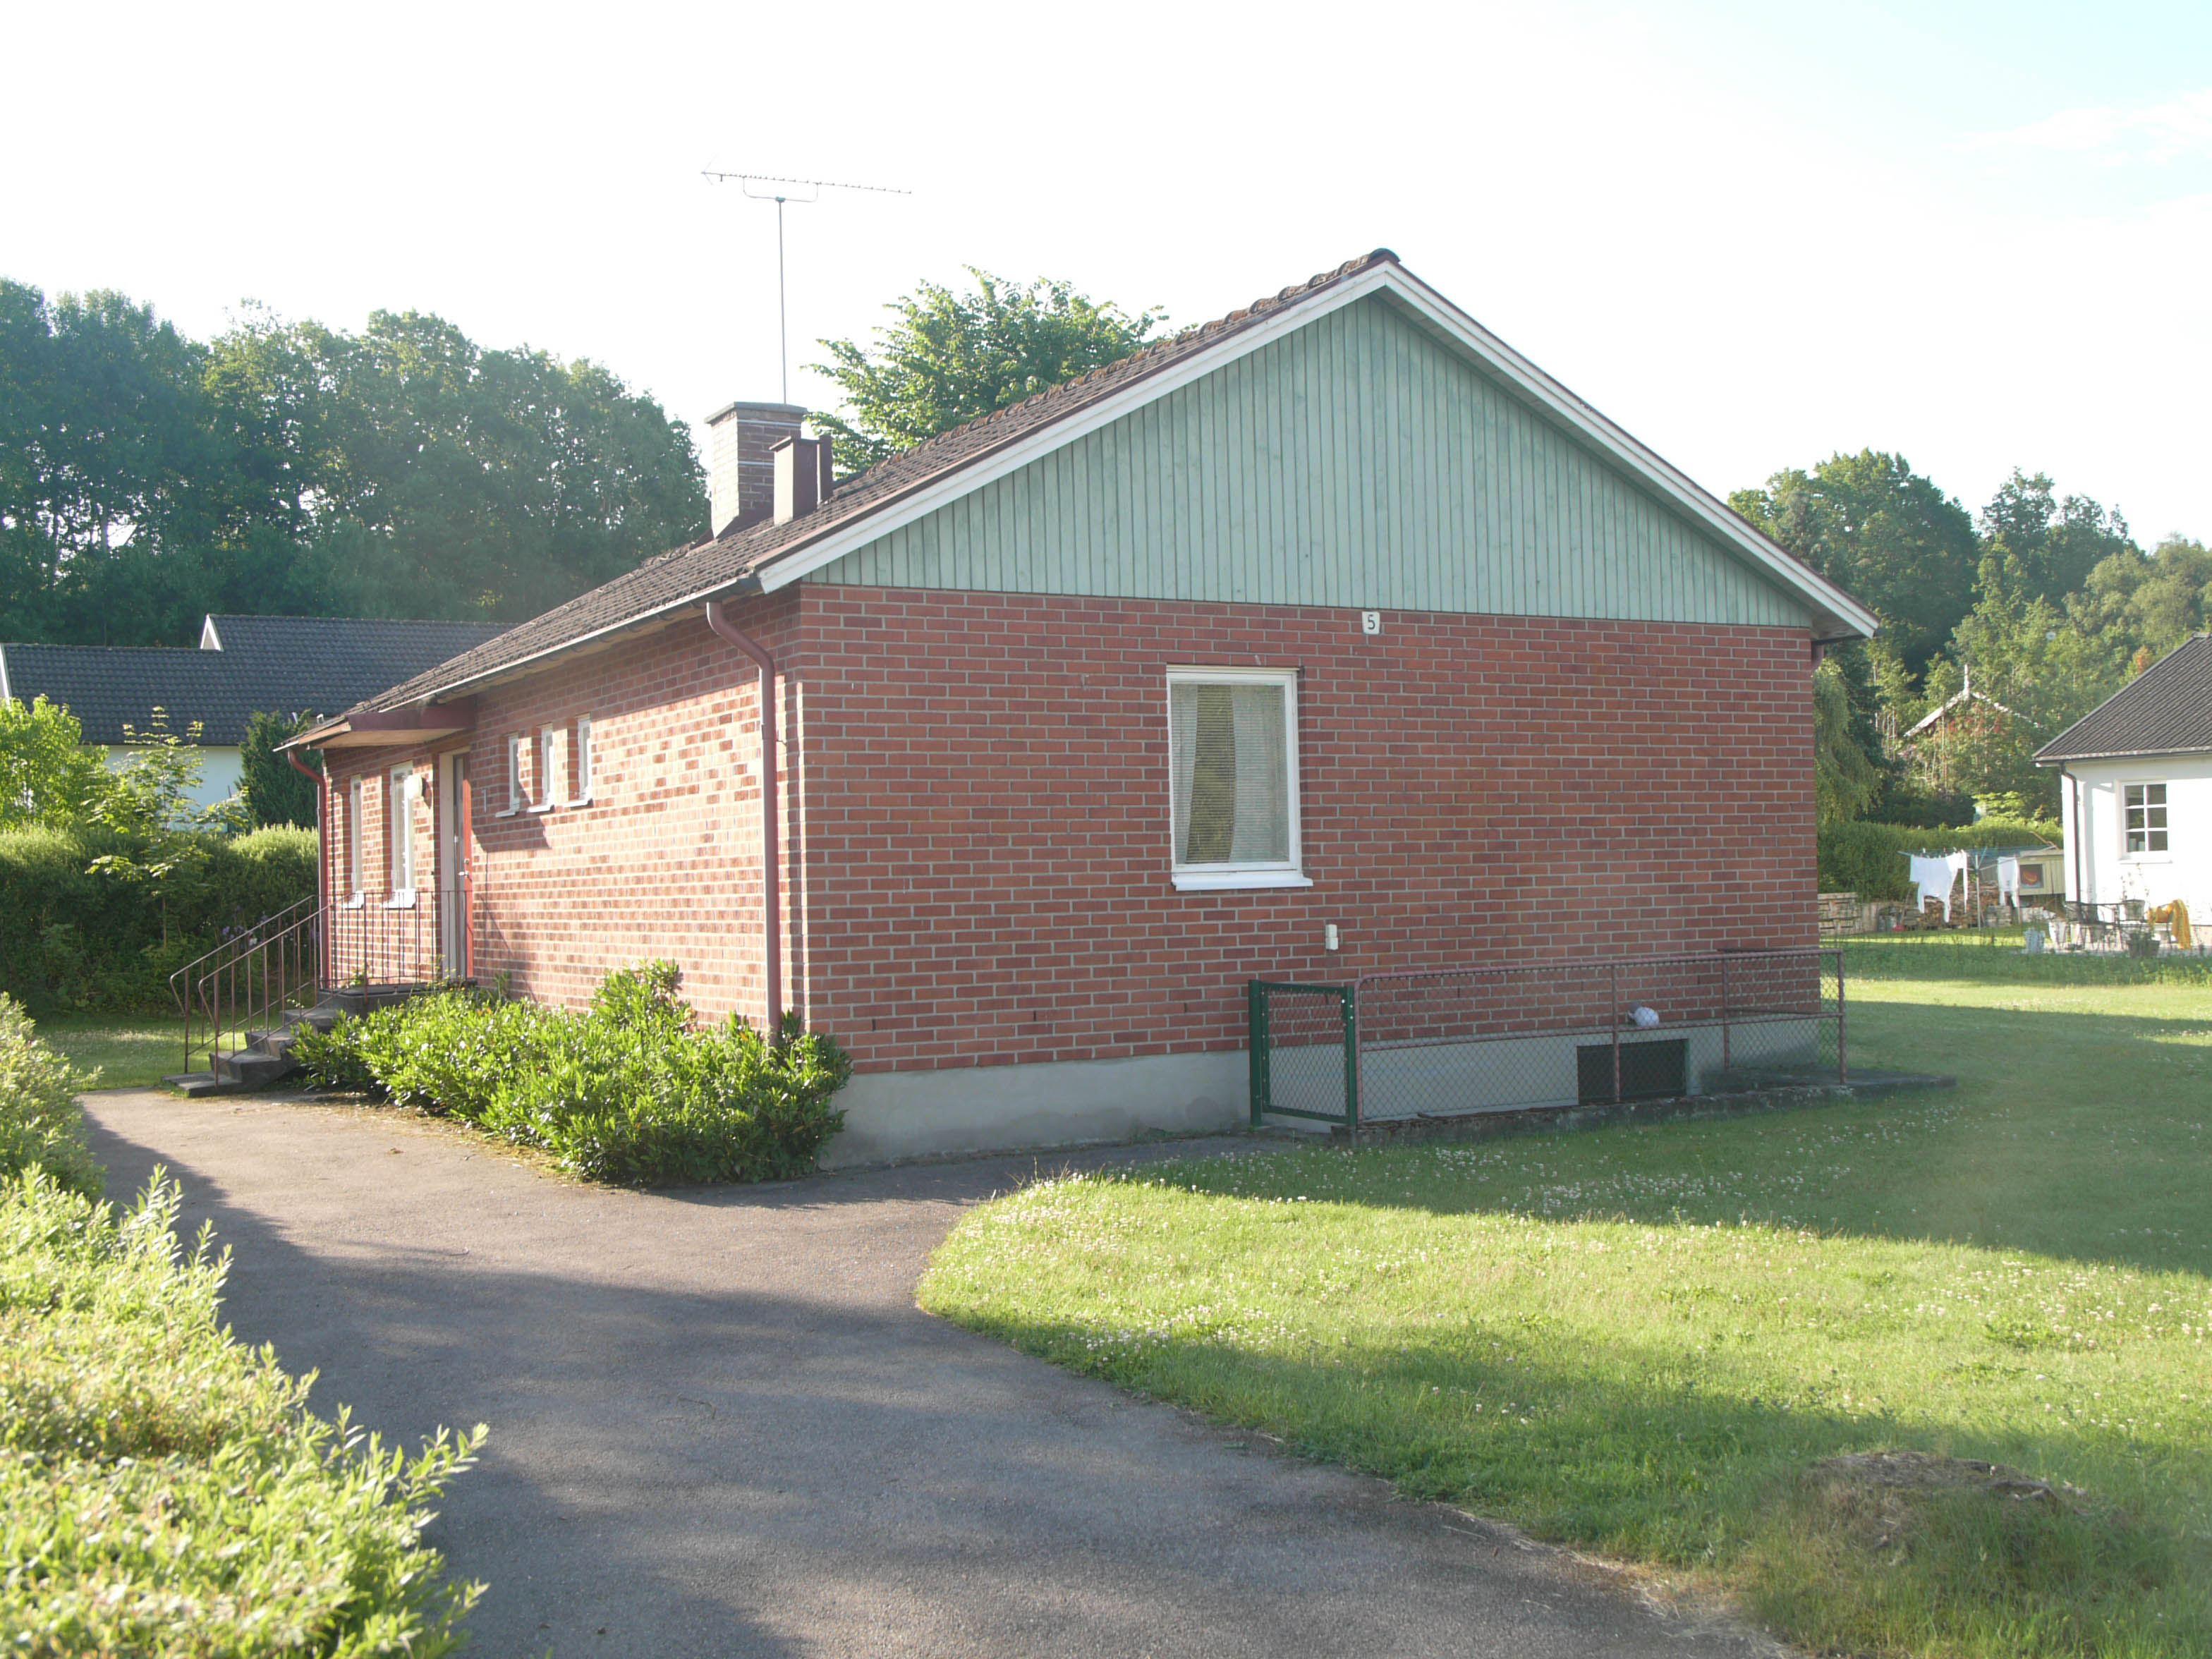 Hus på Glimåkra folkhögskola och vandrarhem i Broby